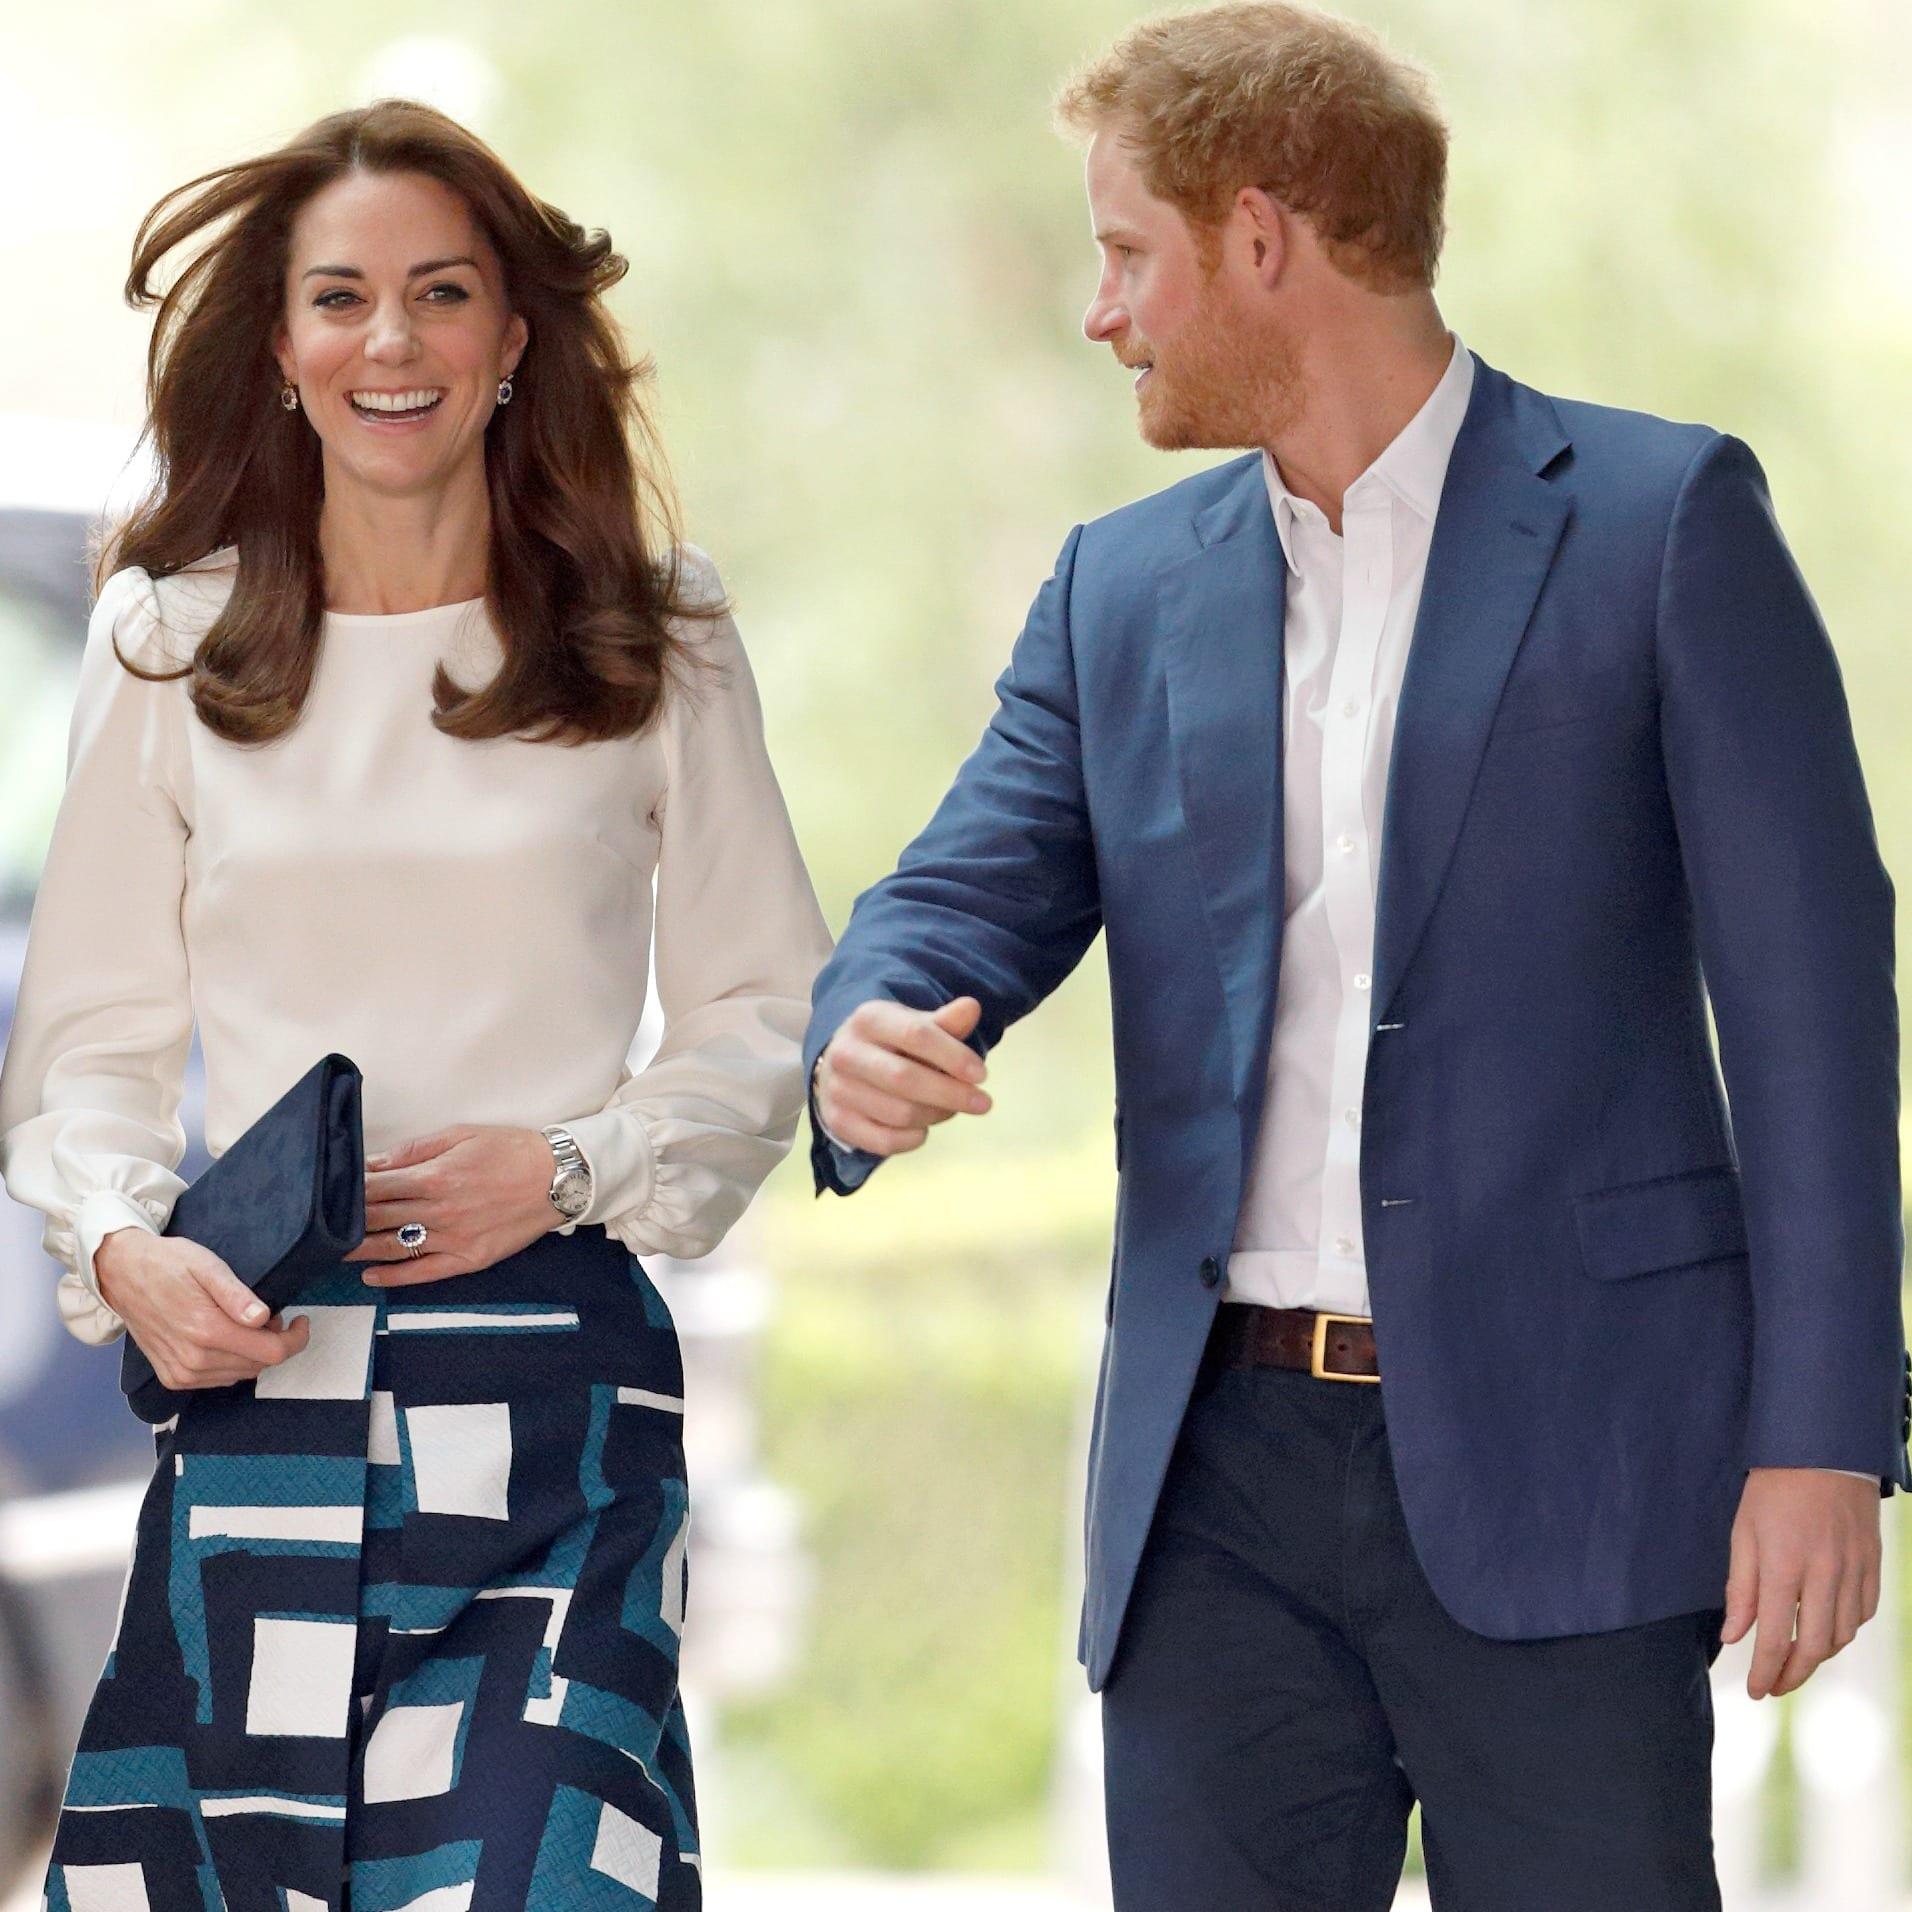 Il principe Harry e Kate Middleton: tutta la verità sul loro rapporto